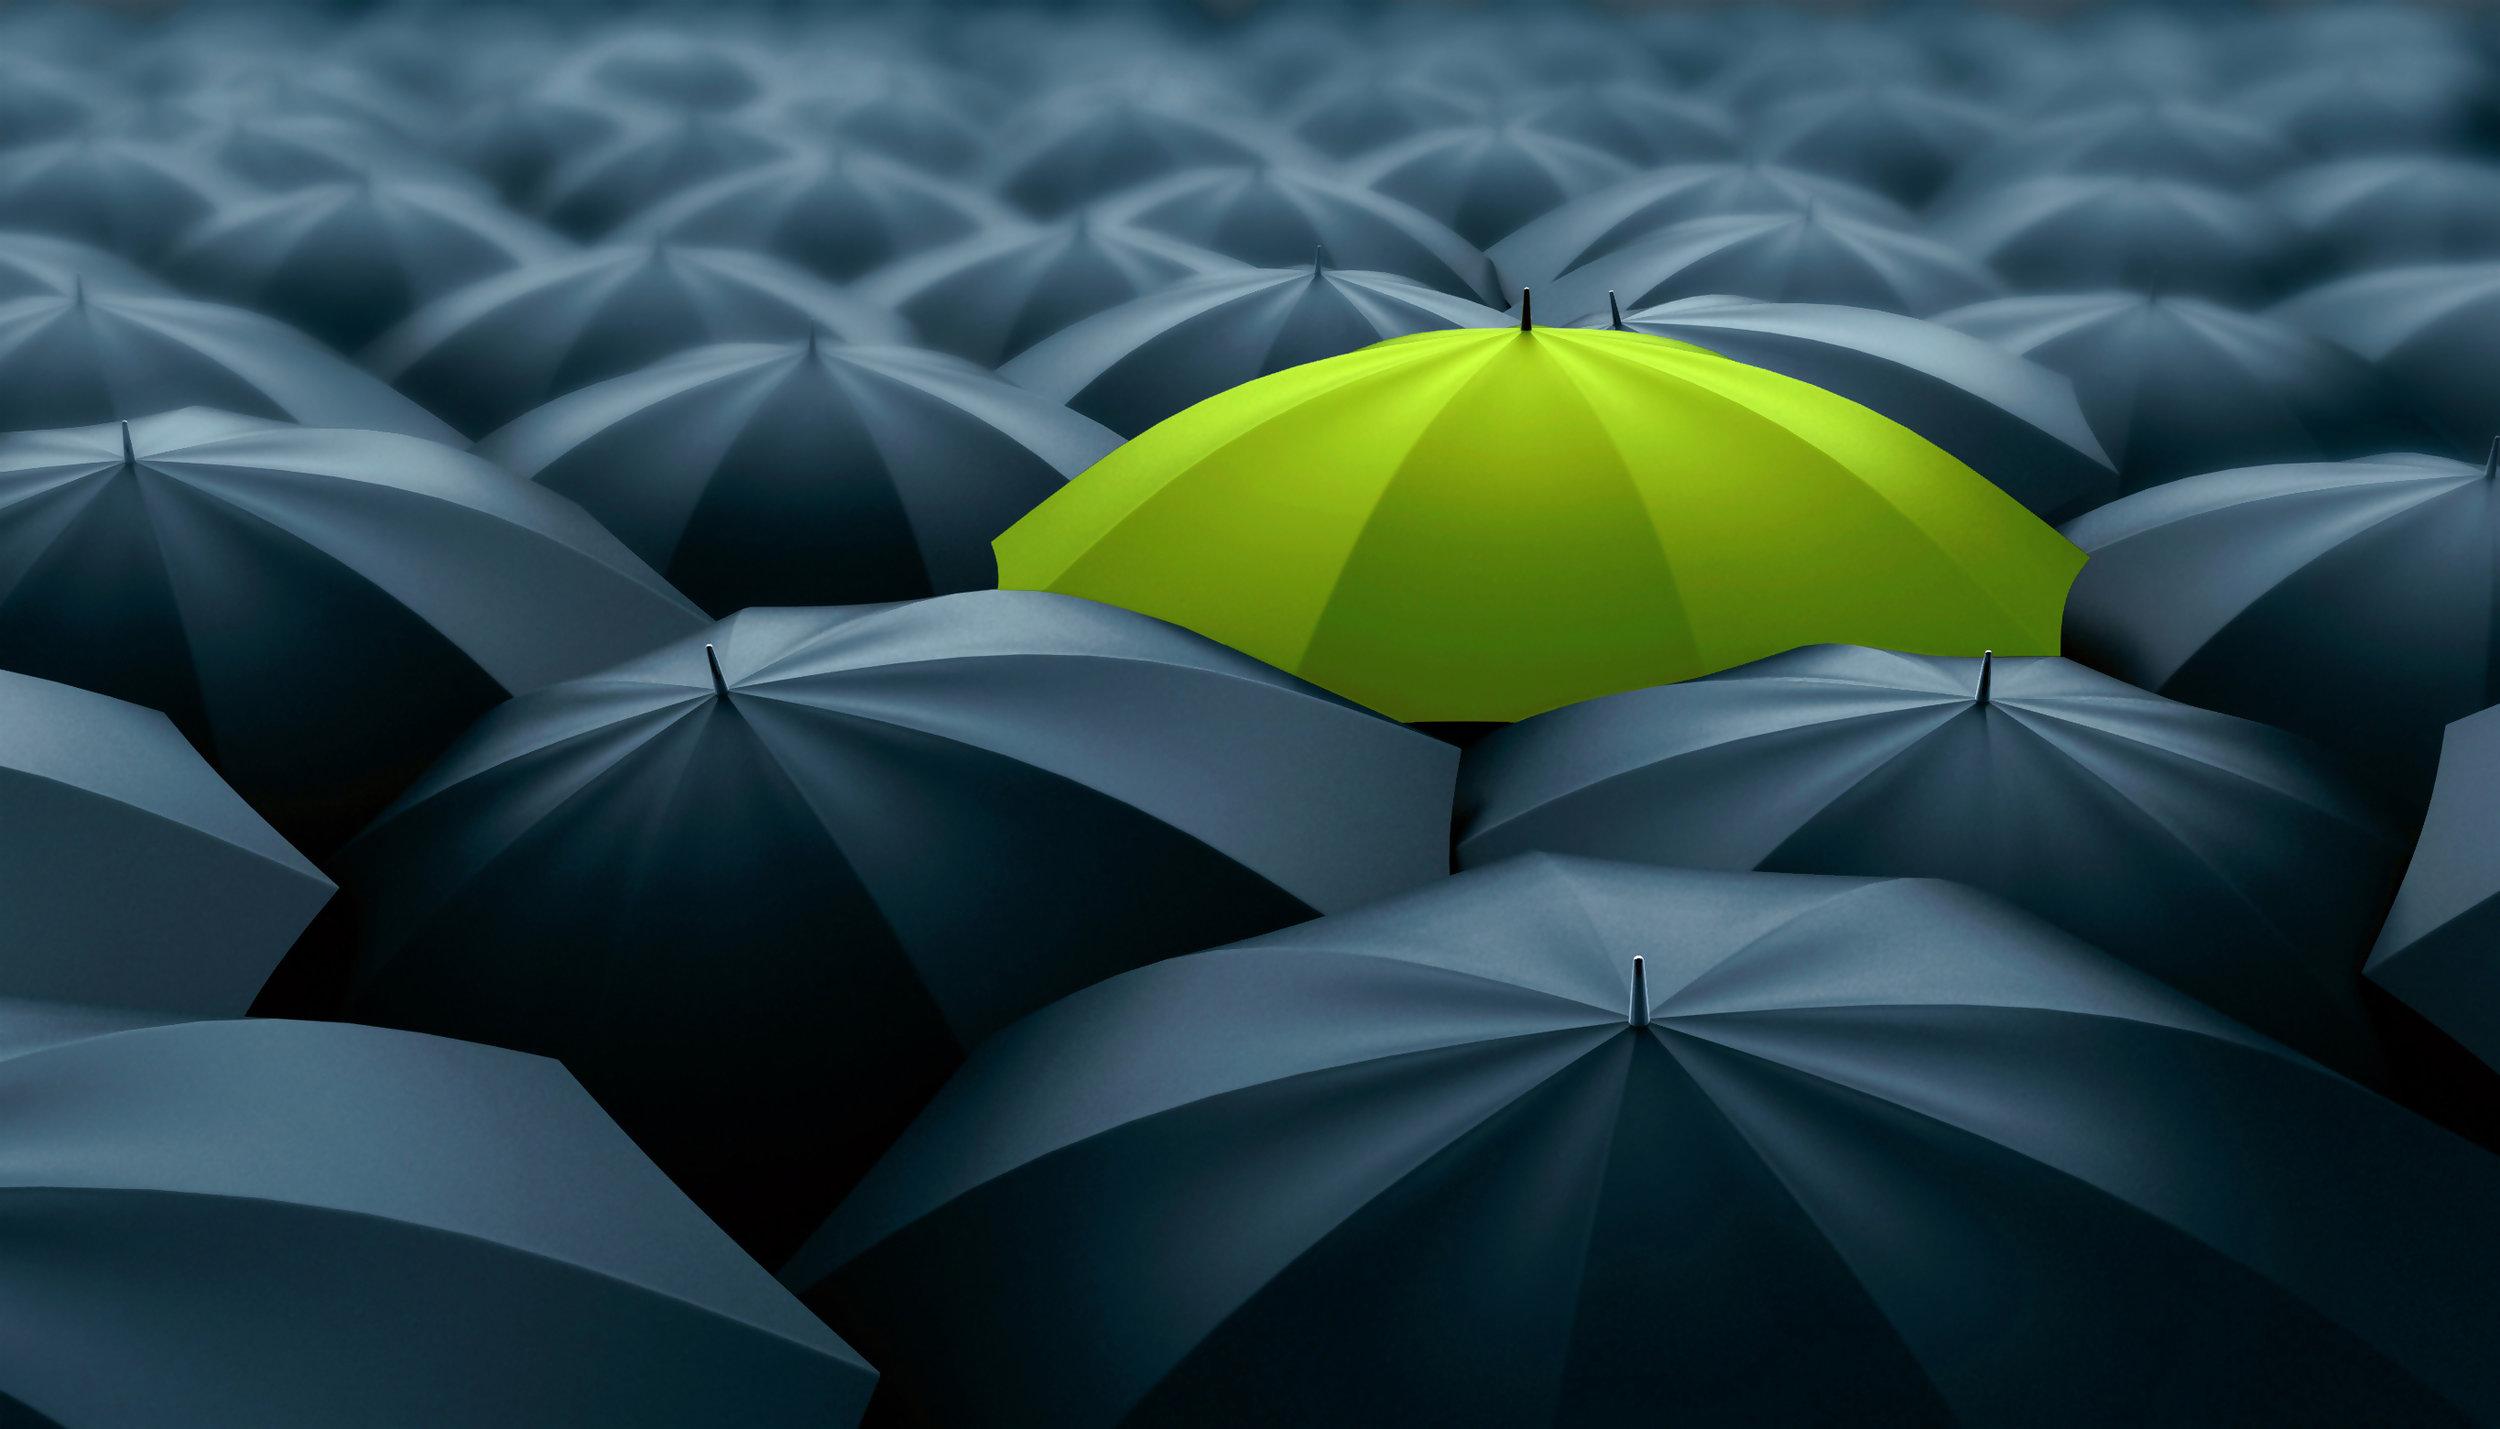 greenumbrella.jpg